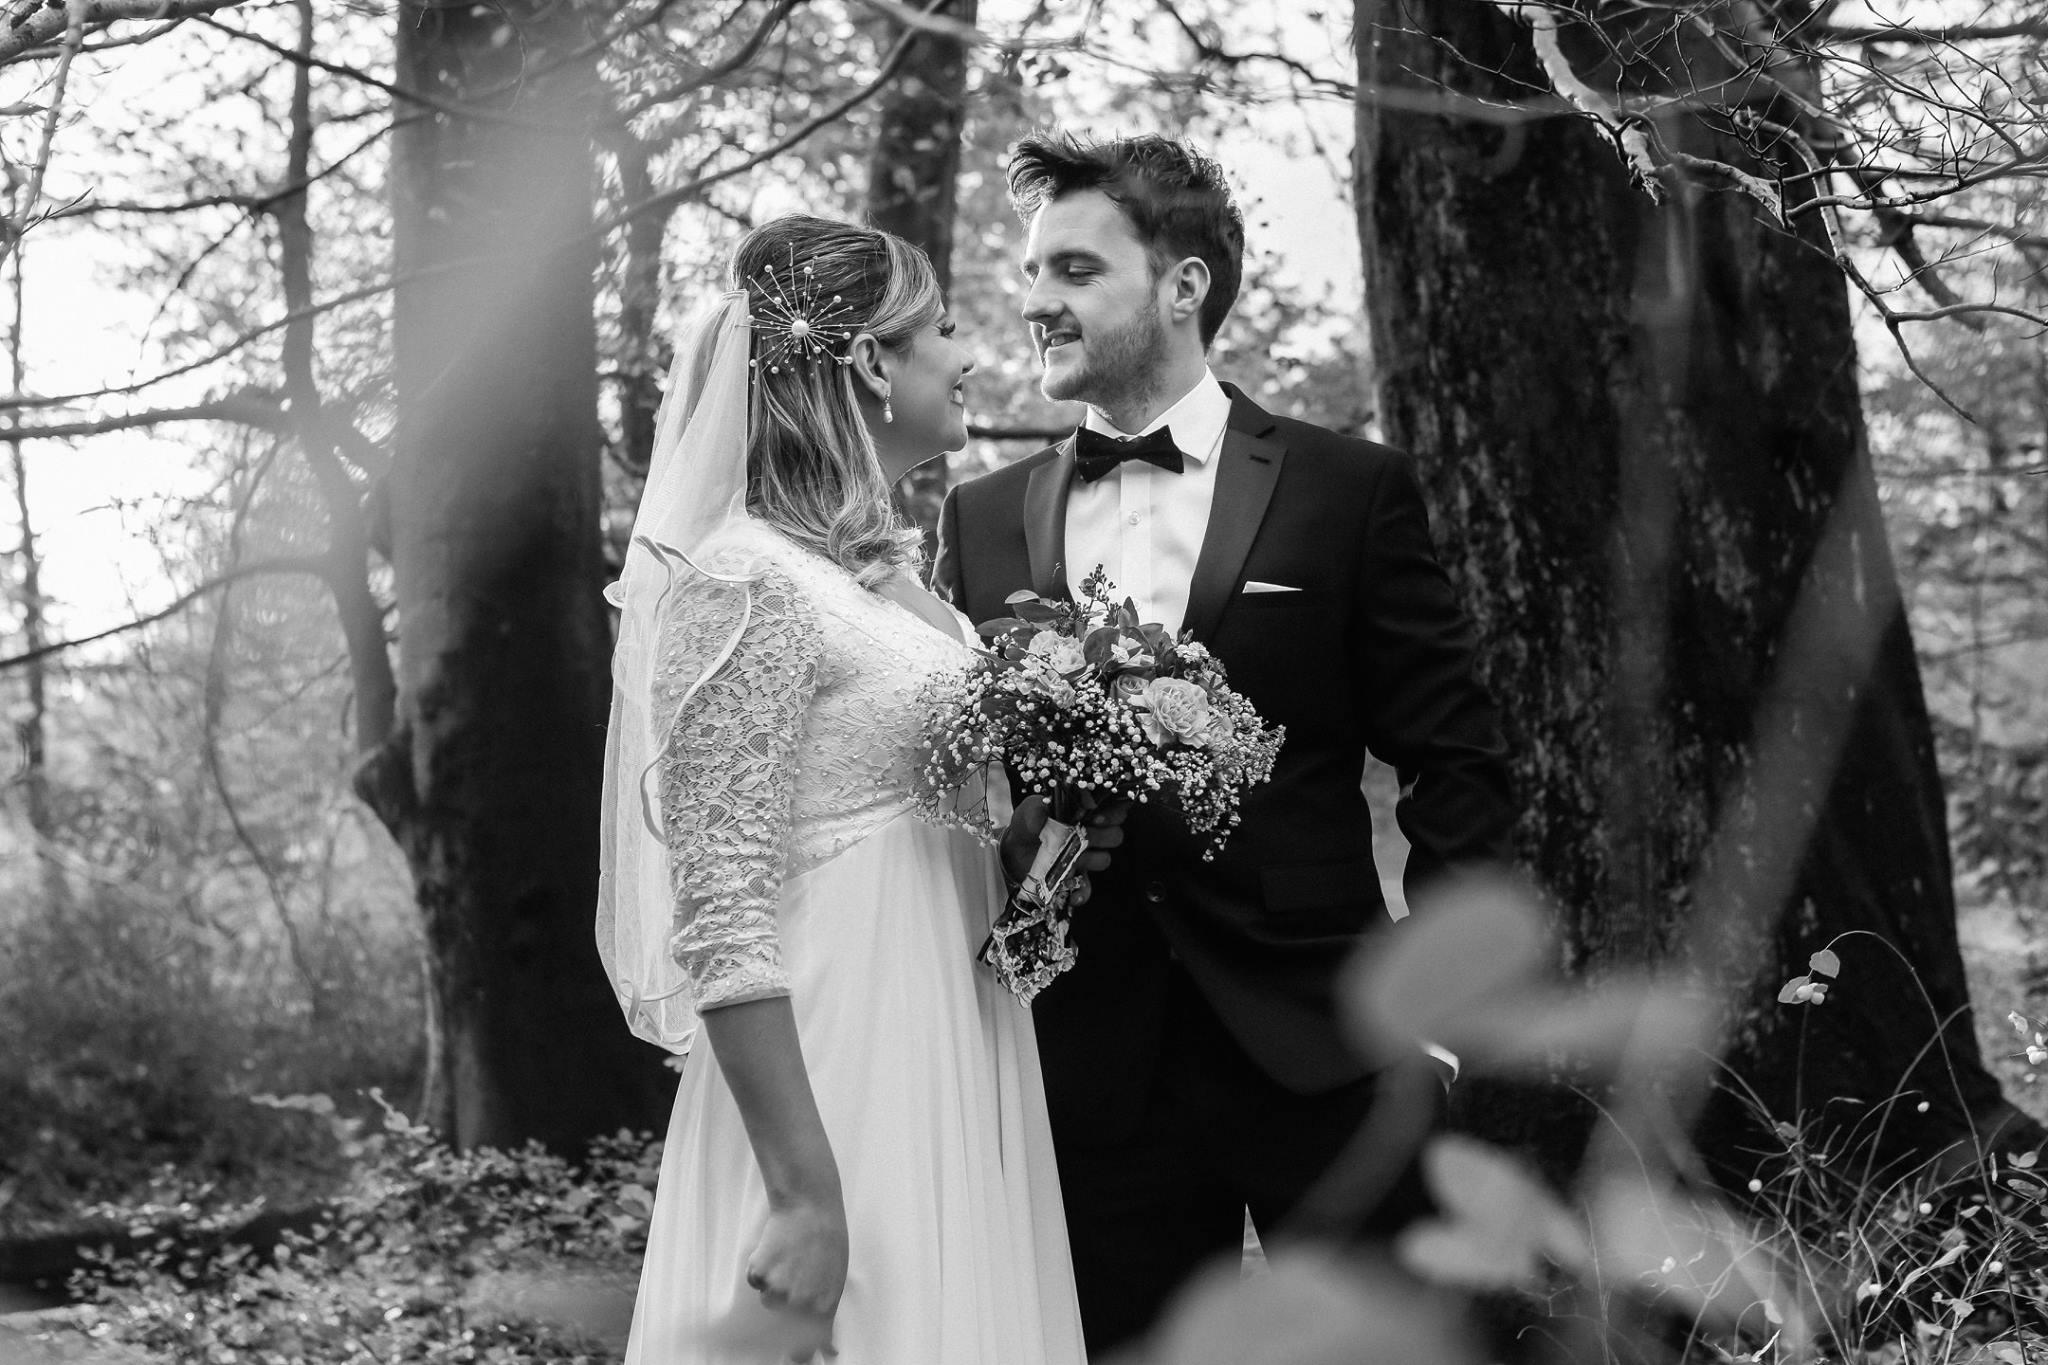 copenhagen-wedding-photograoher34